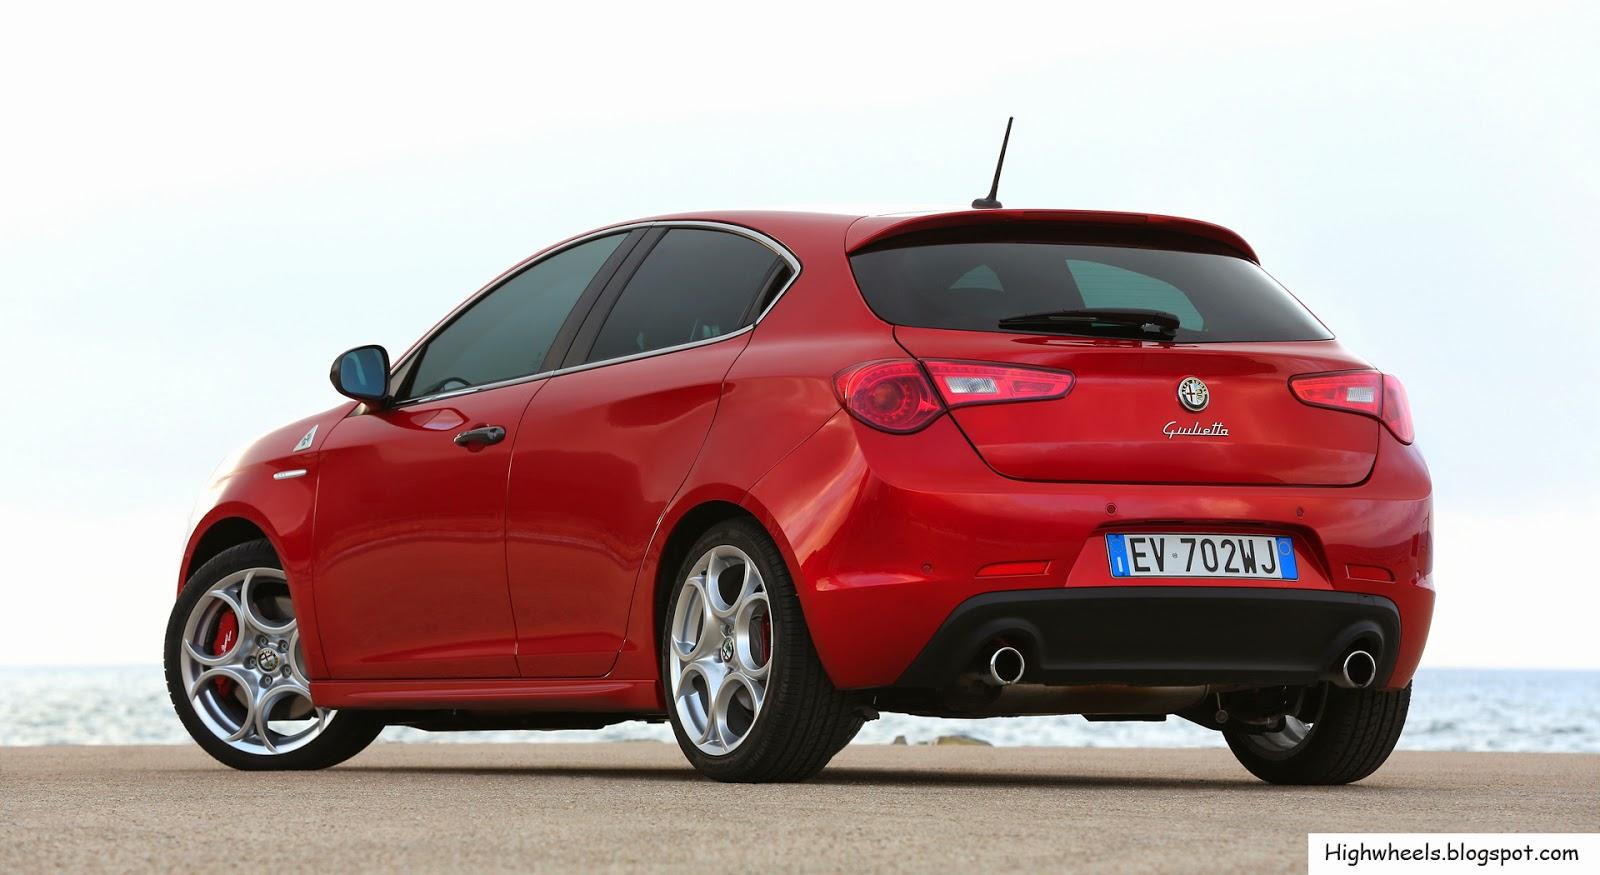 2017 Alfa Romeo Giulia Quadrifoglio Pricing - For Sale ...   Alfa Romeo Giulietta Quadrifoglio